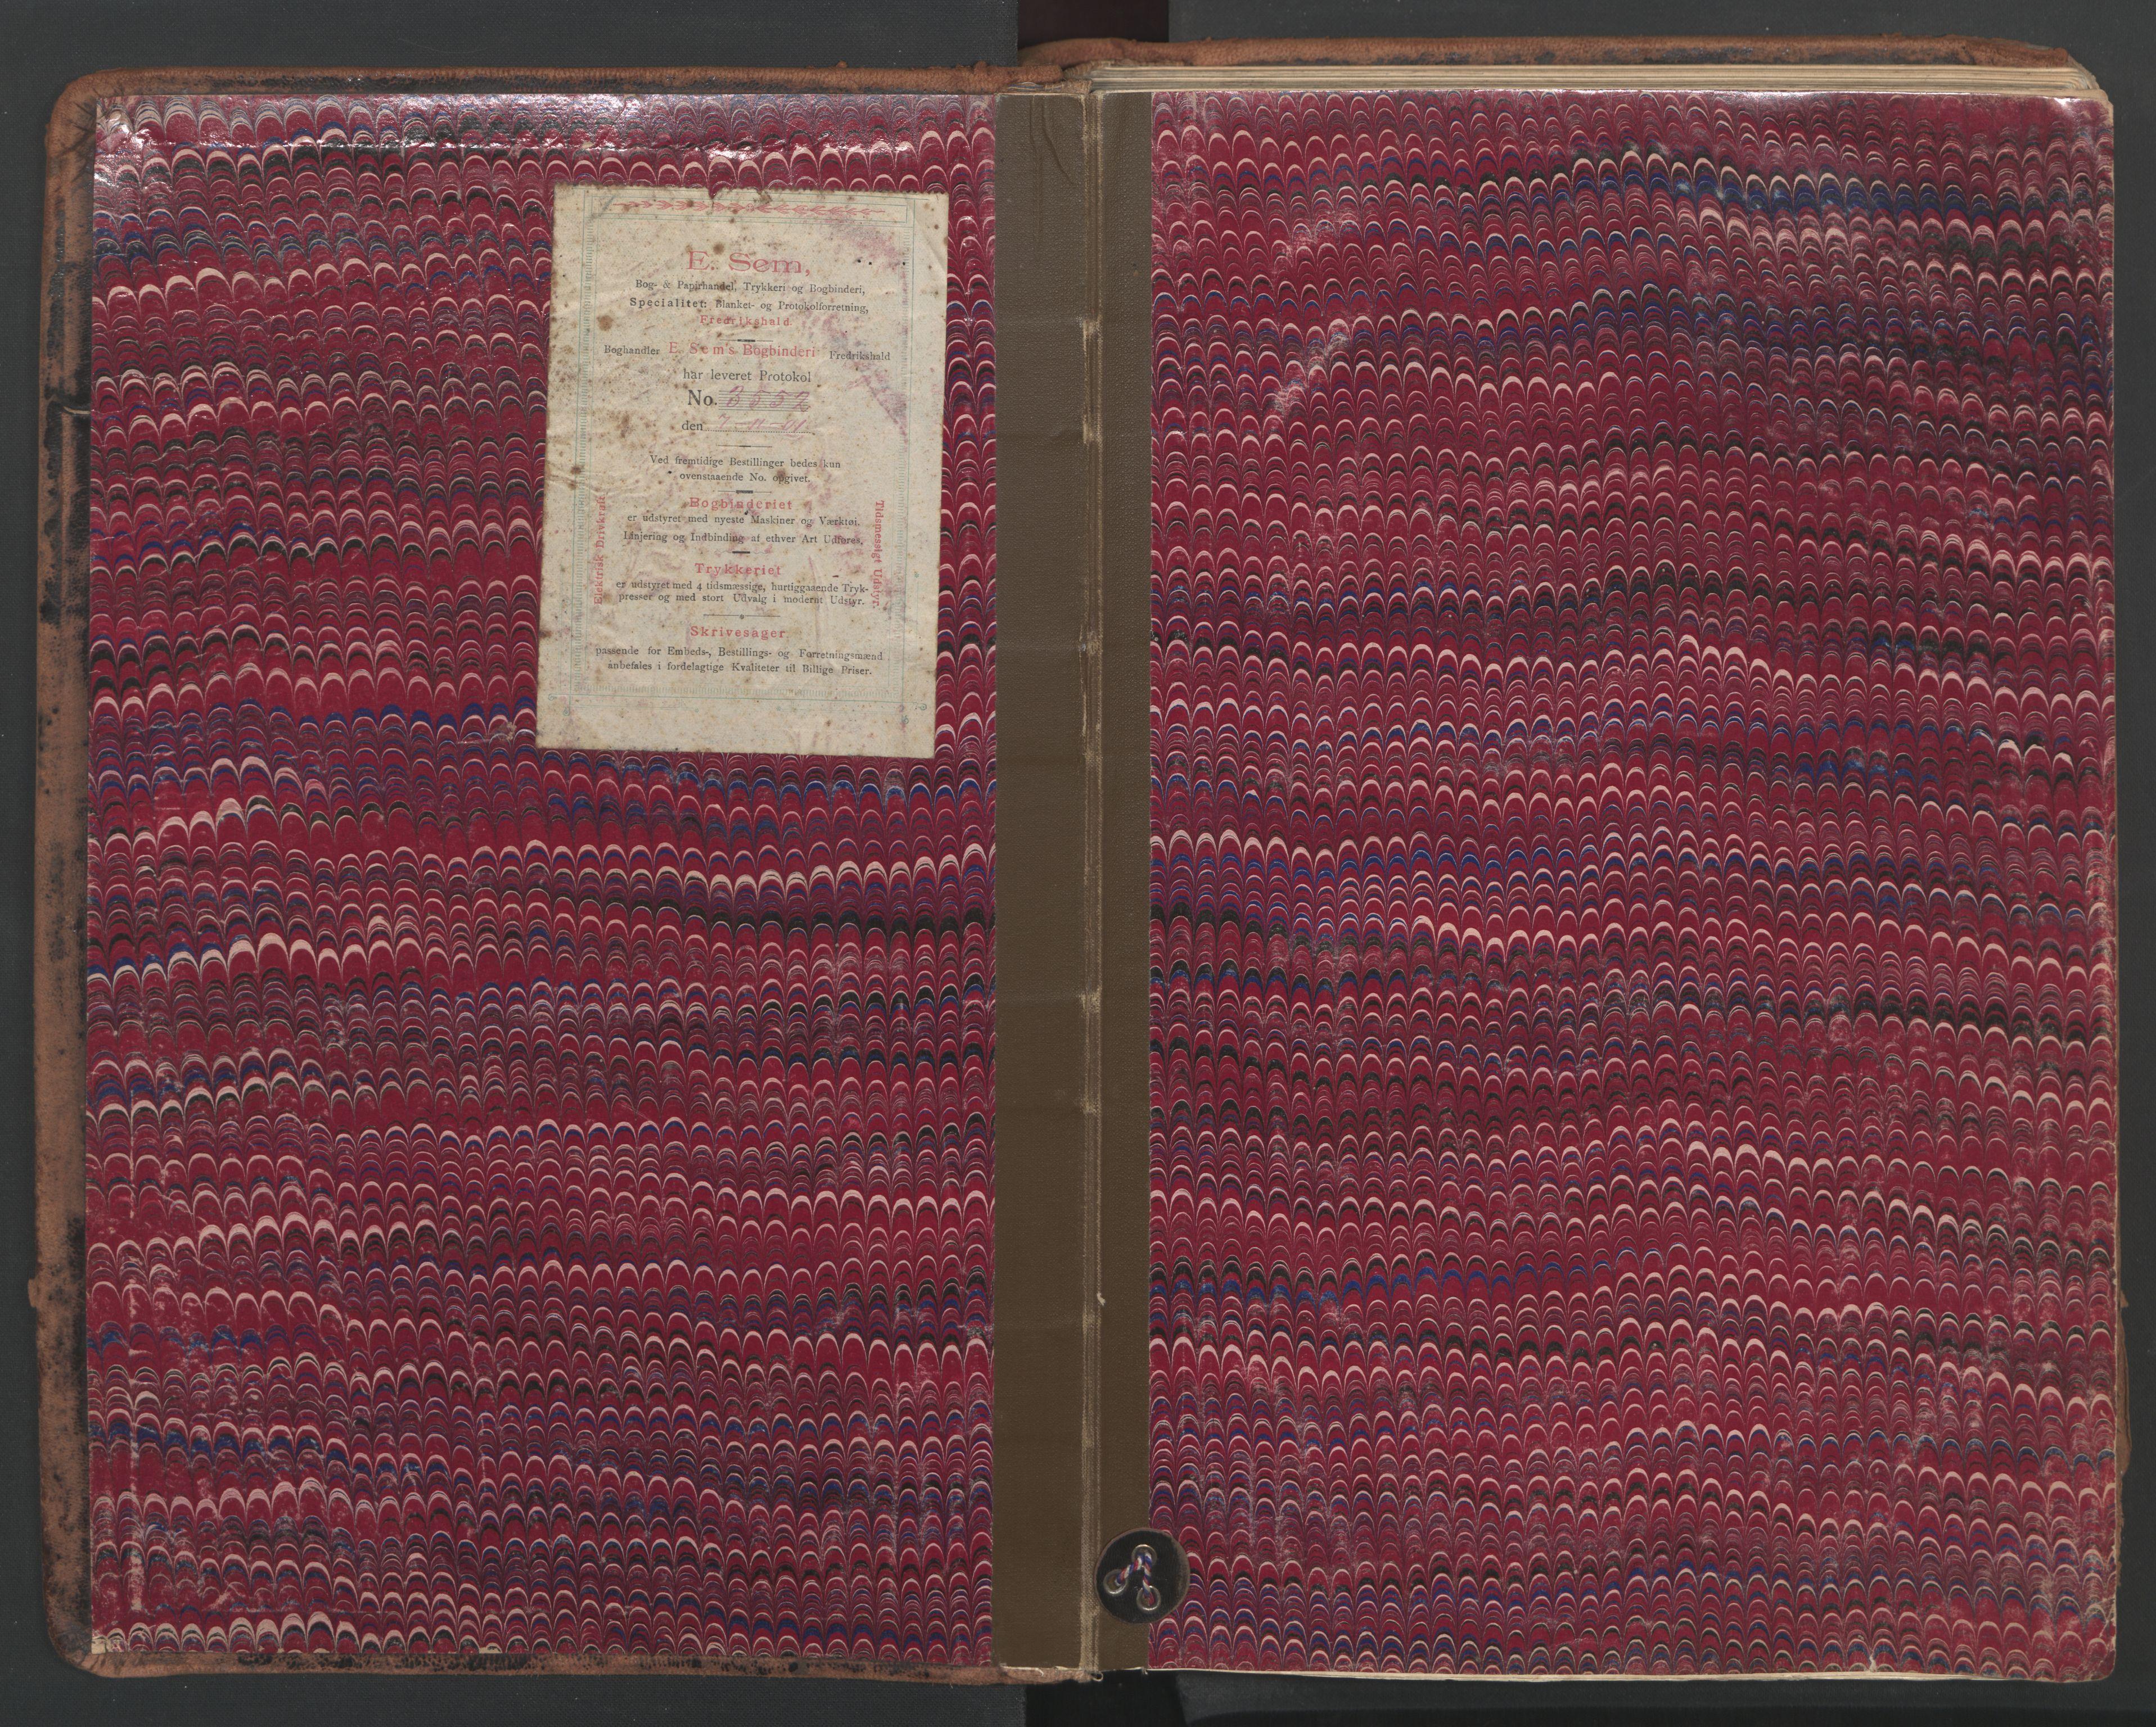 SAT, Ministerialprotokoller, klokkerbøker og fødselsregistre - Sør-Trøndelag, 634/L0537: Ministerialbok nr. 634A13, 1896-1922